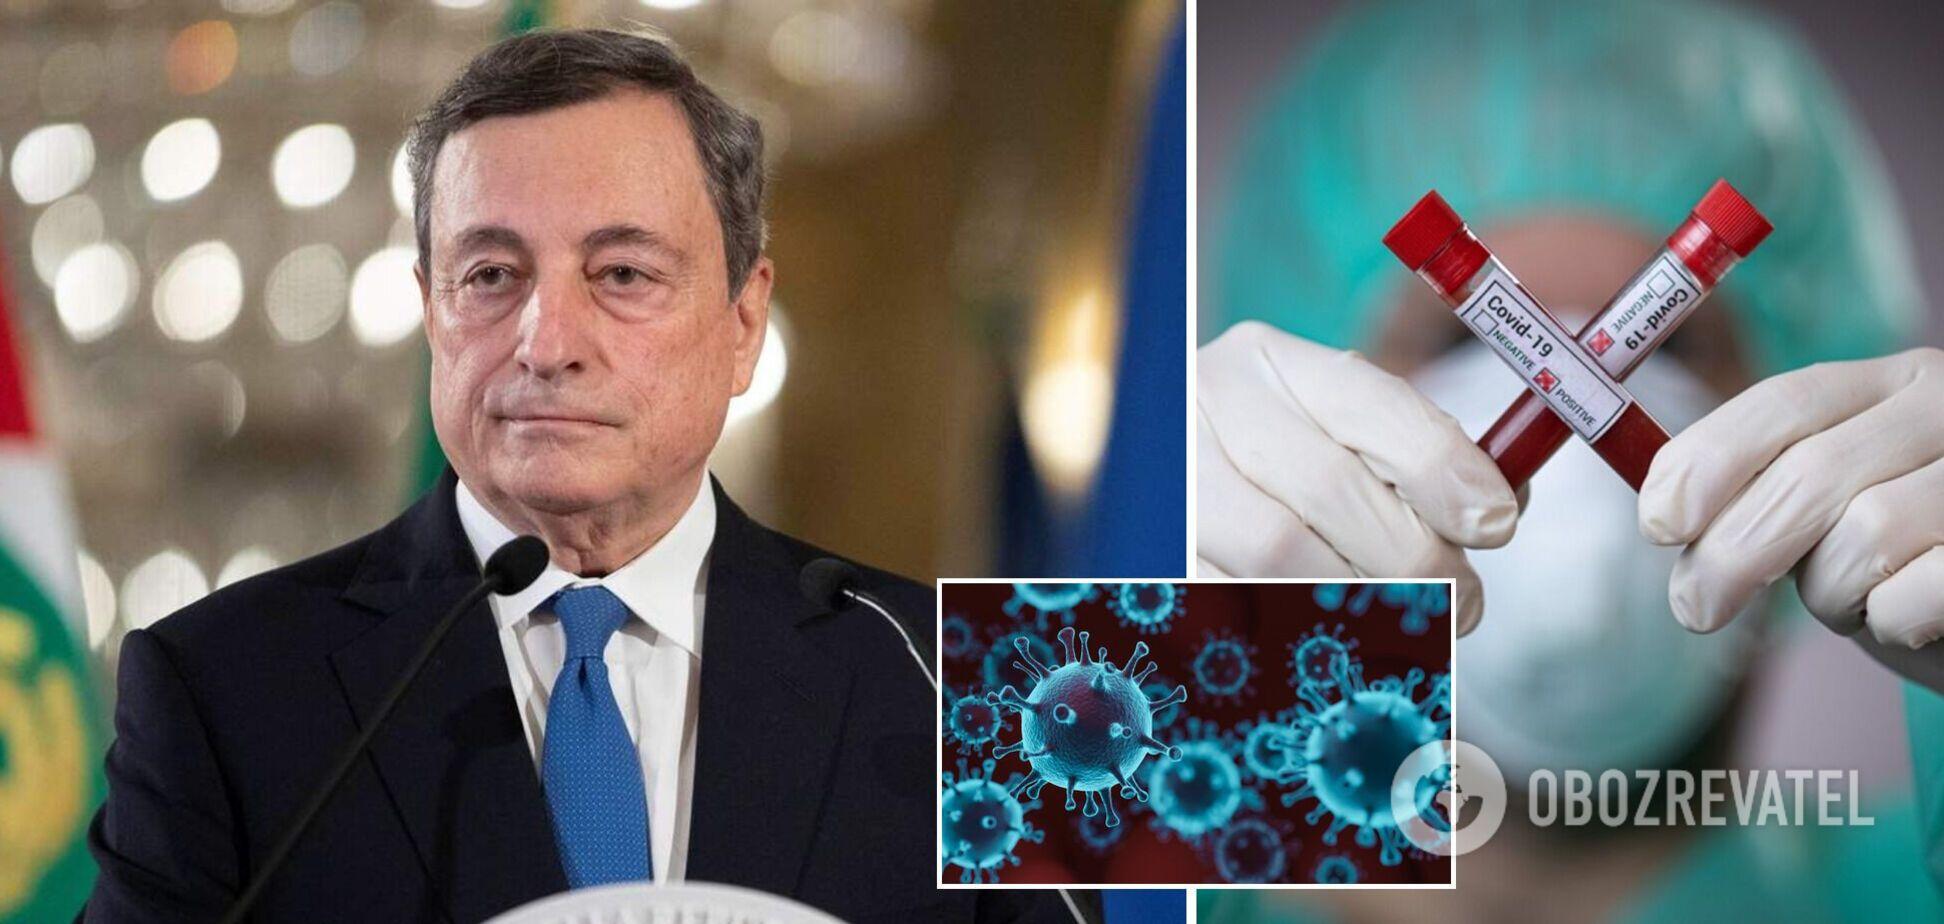 Прем'єр Італії пояснив причину введення COVID-паспортів: це нестабільна ситуація